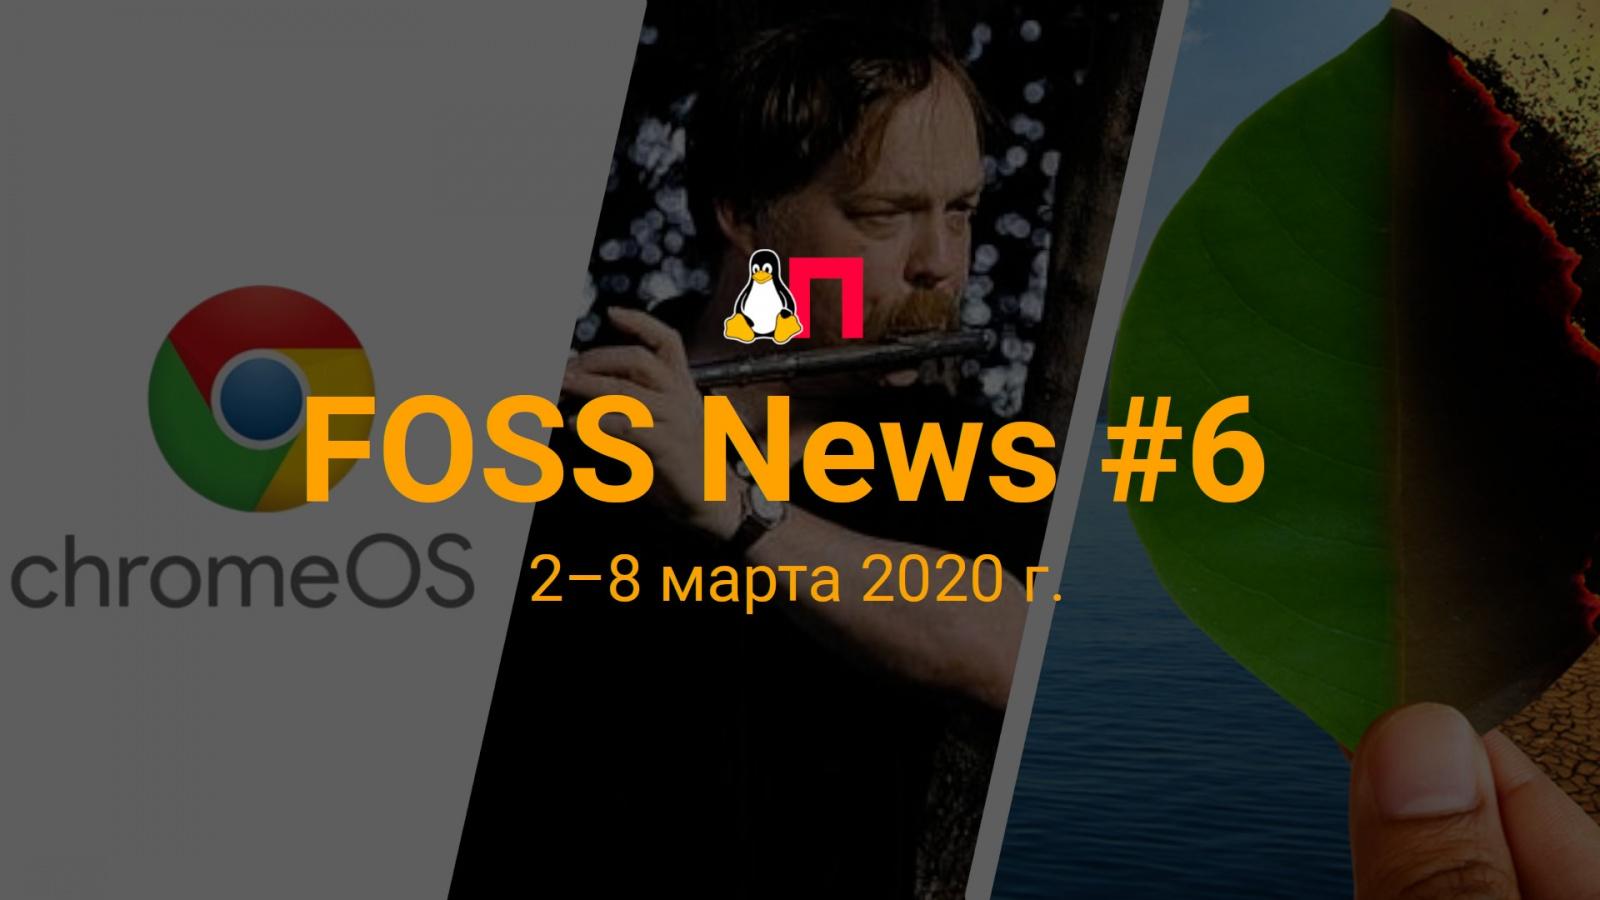 FOSS News №6 — обзор новостей свободного и открытого ПО за 2-8 марта 2020 года - 1